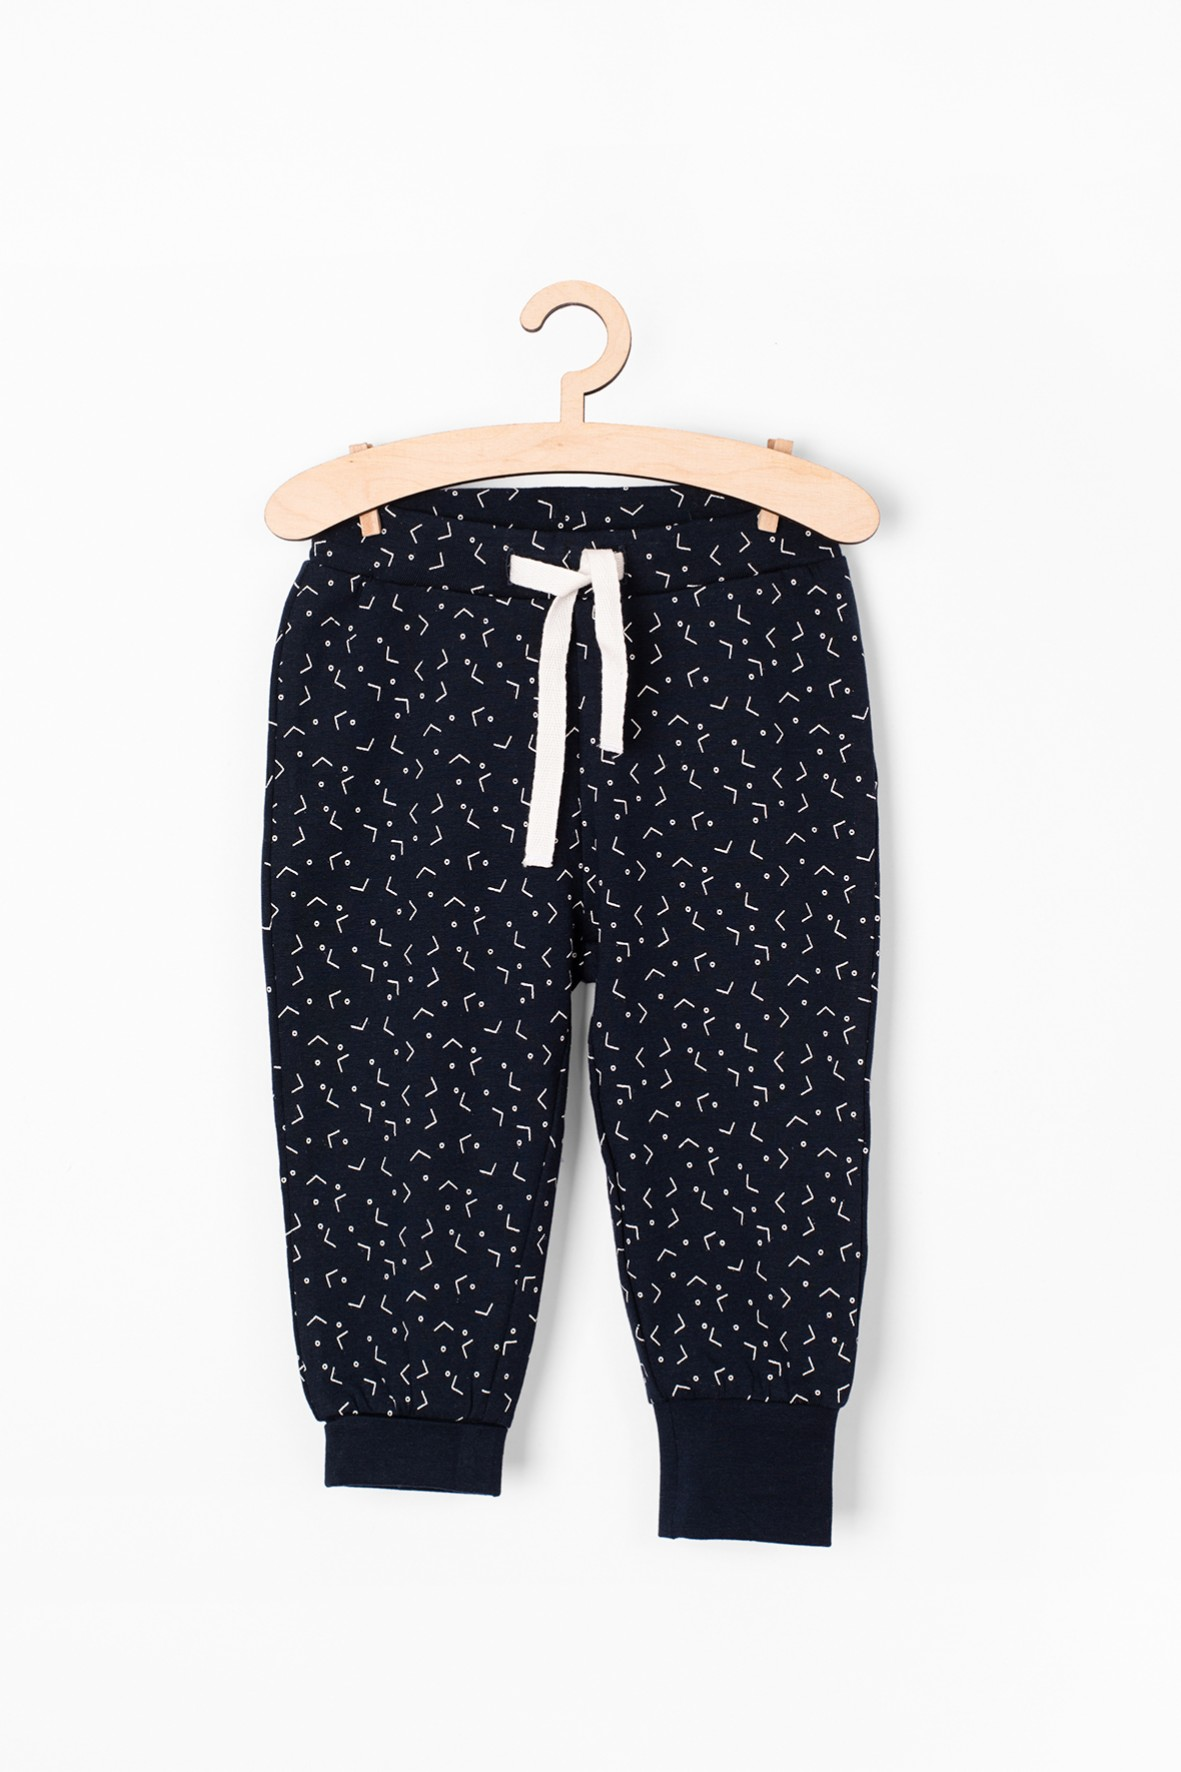 Granatowe spodnie dresowe w białe wzorki - Organic Cotton